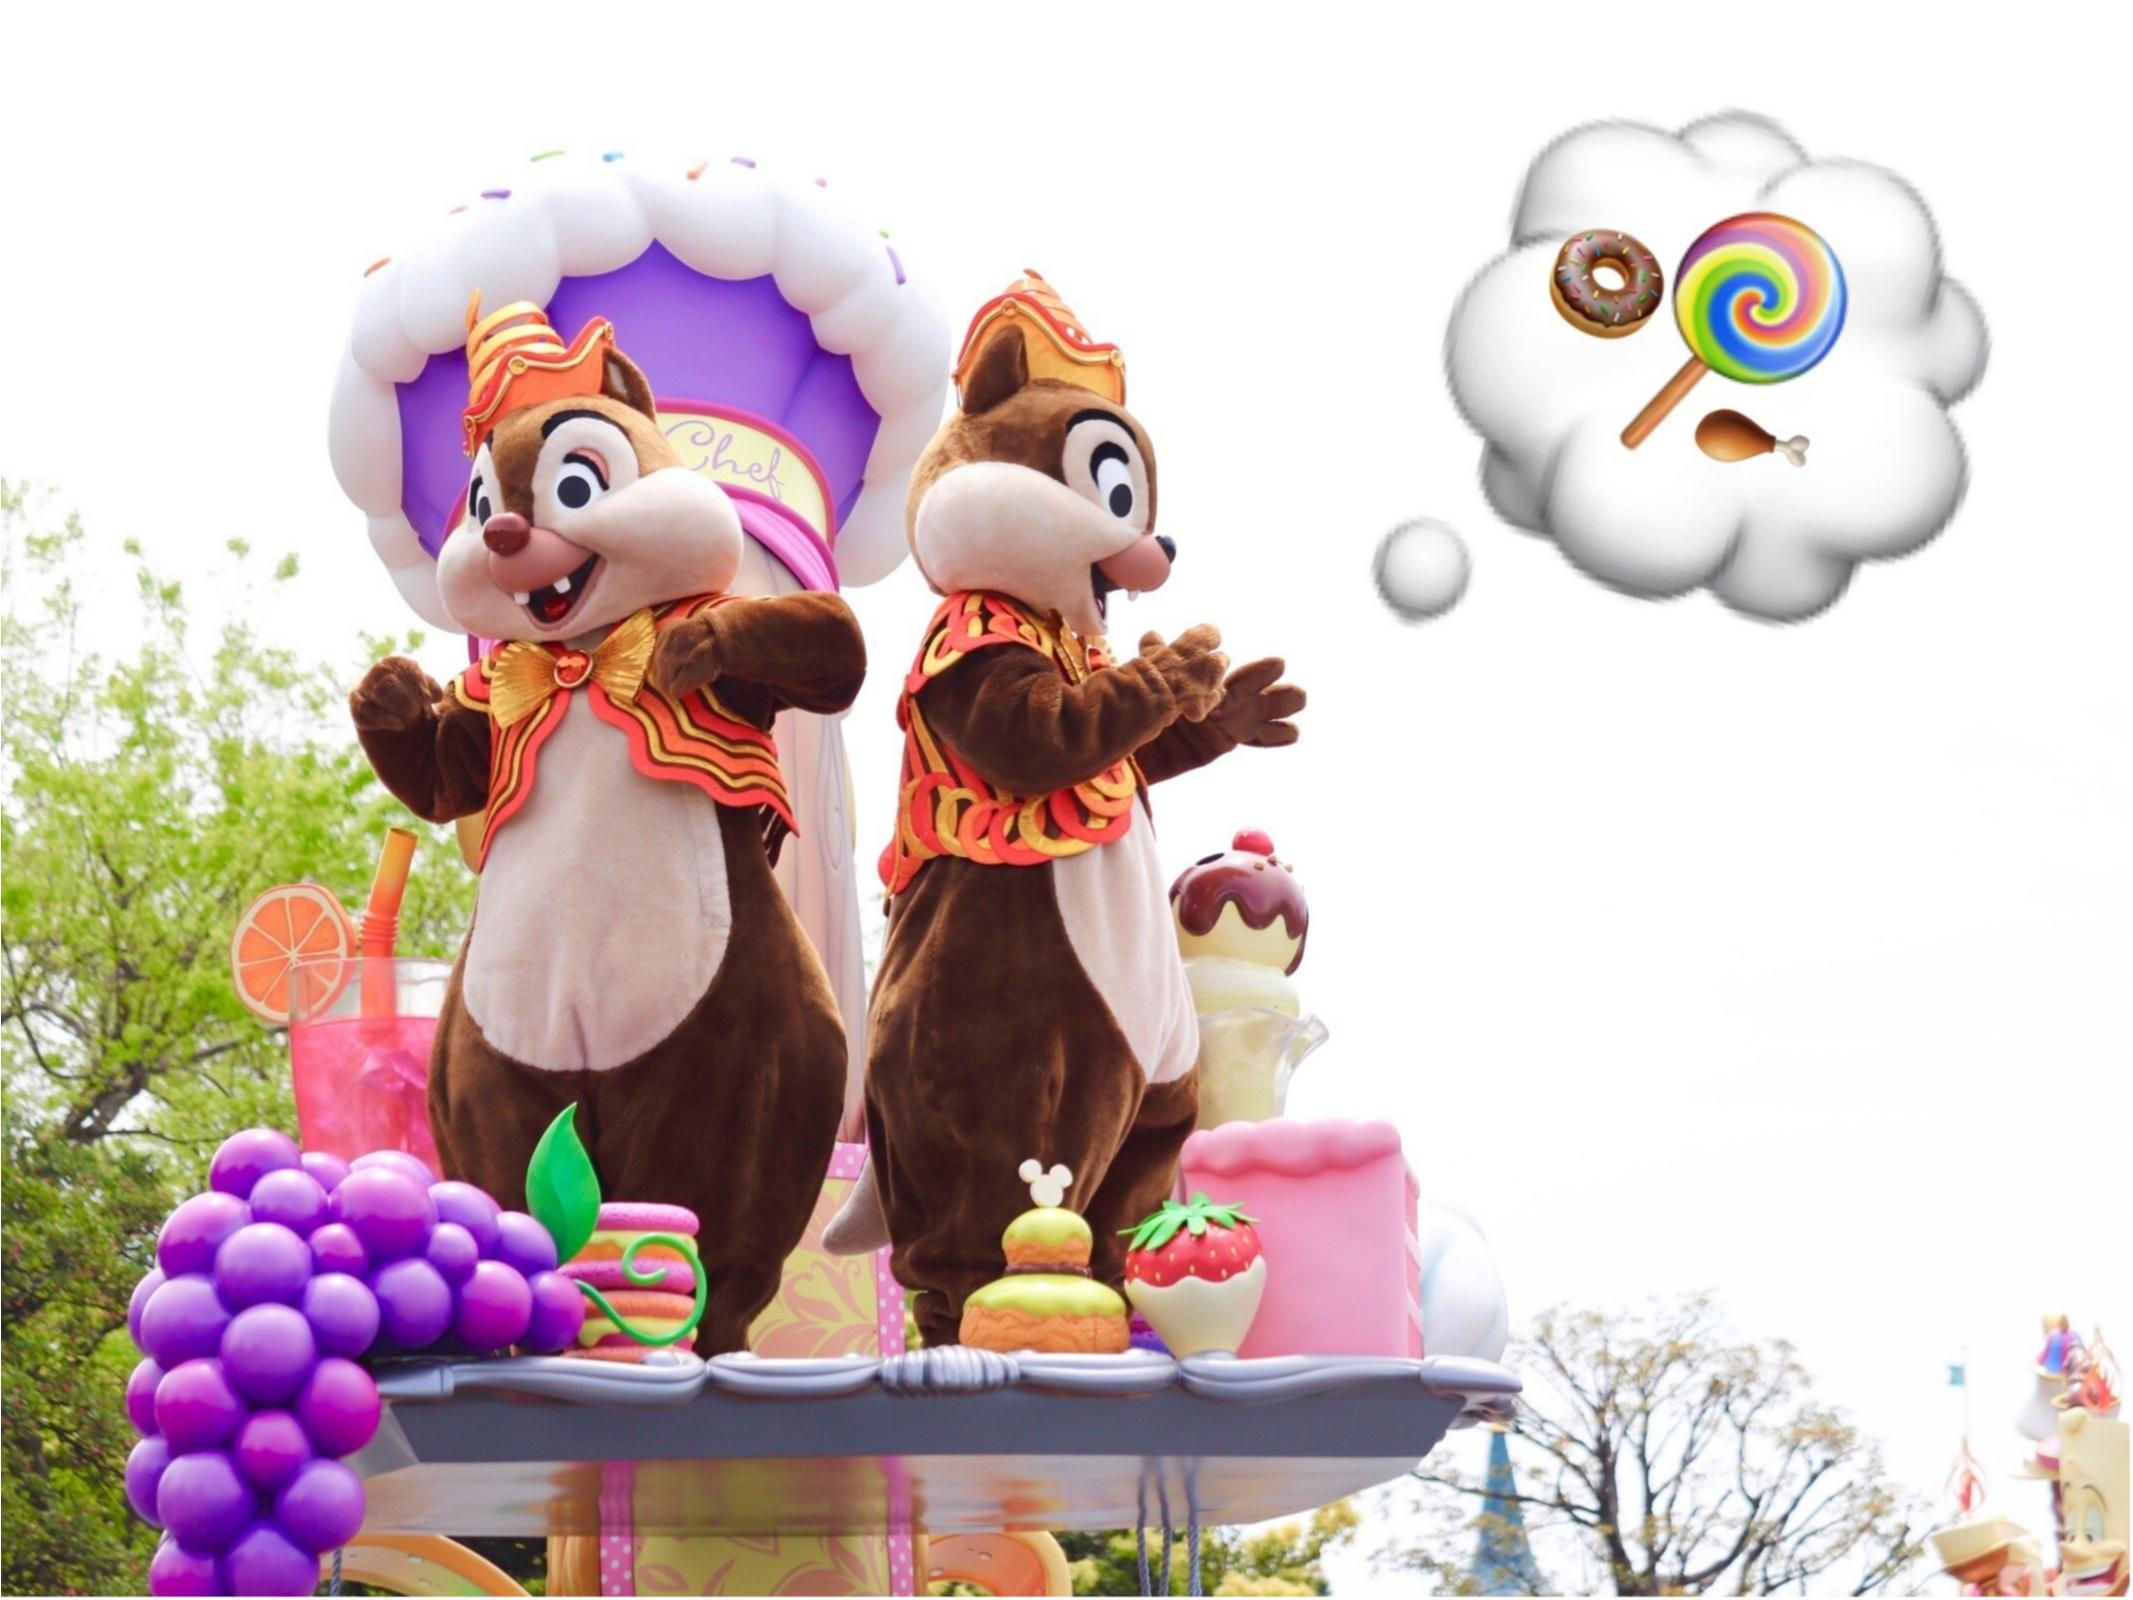 お土産やパレード情報も!! 『東京ディズニーリゾート35周年 Happiest Celebration! 』まとめ♡_19